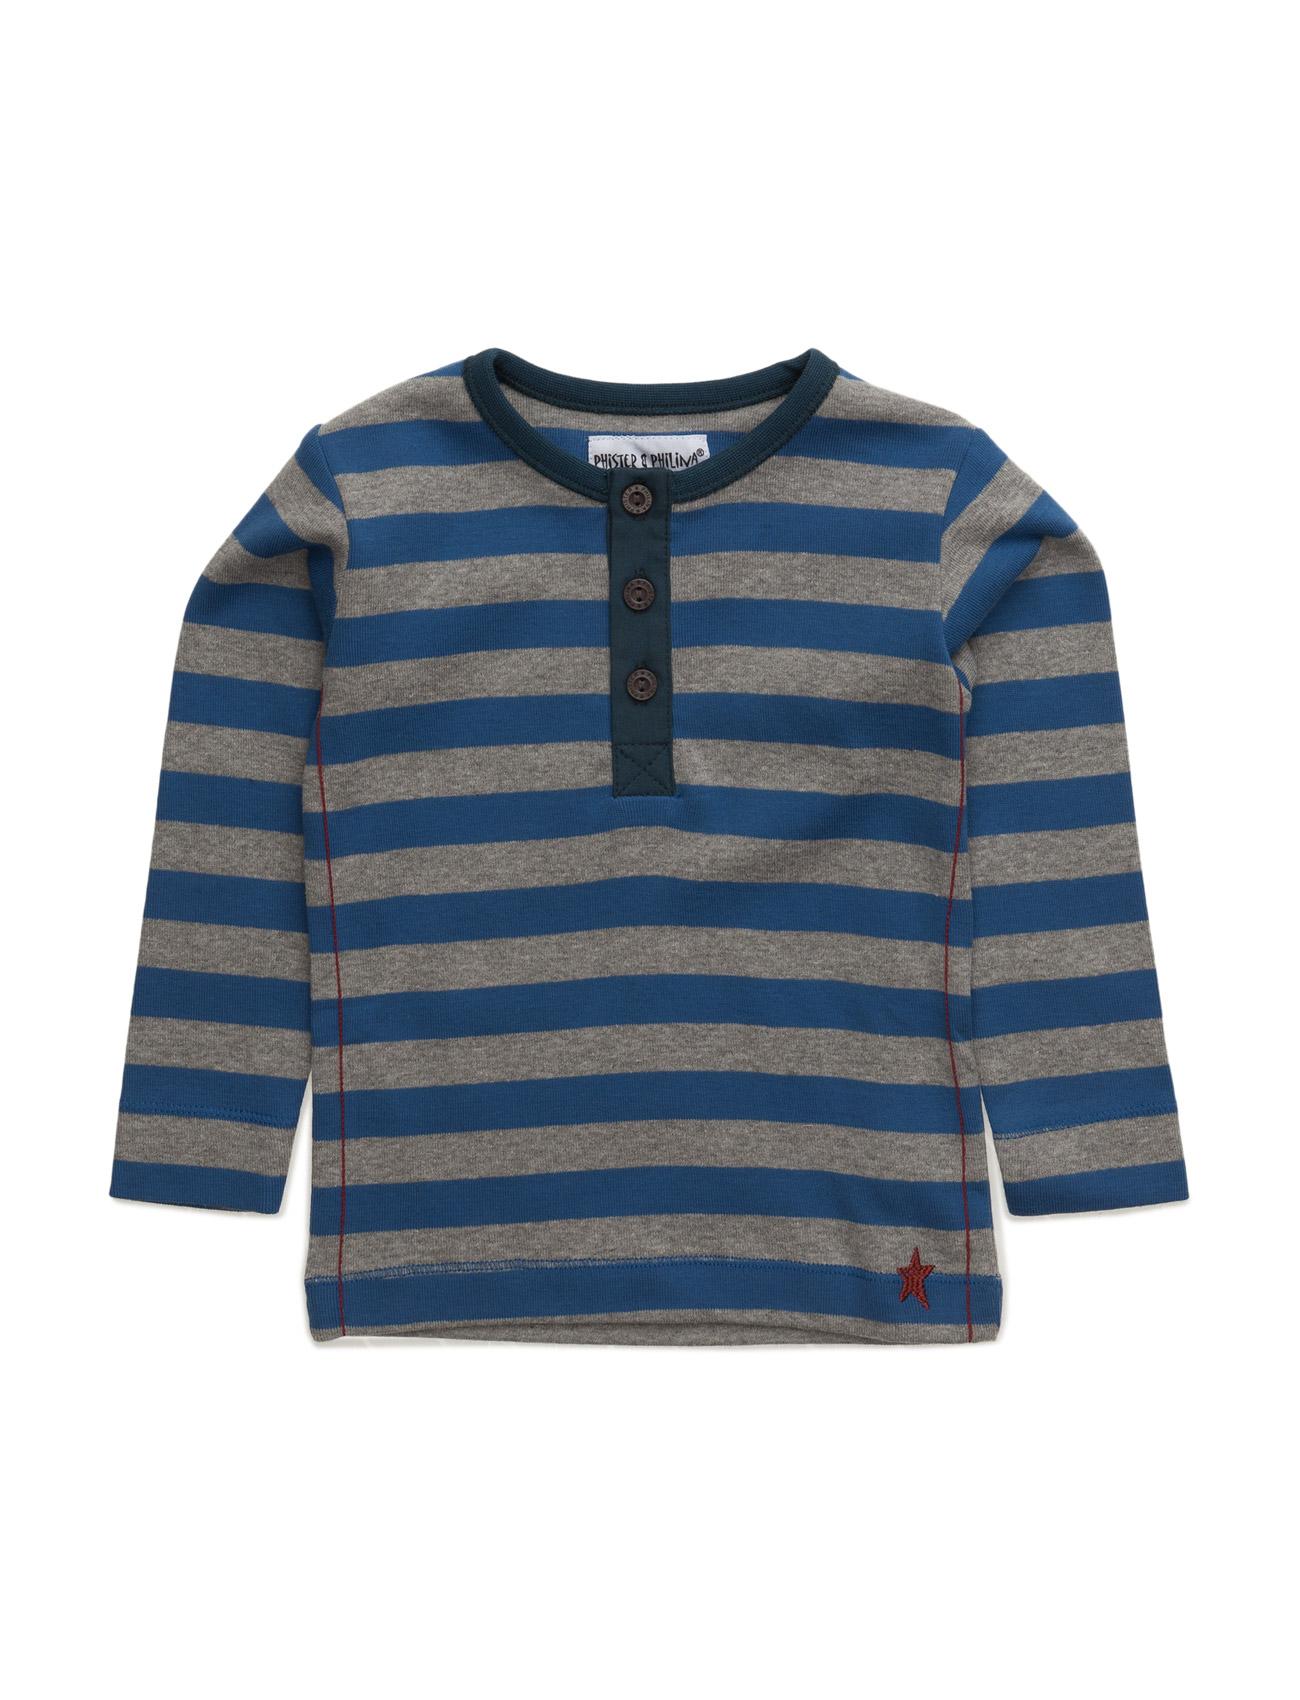 Hunter Grand Top Phister & Philina Langærmede t-shirts til Børn i